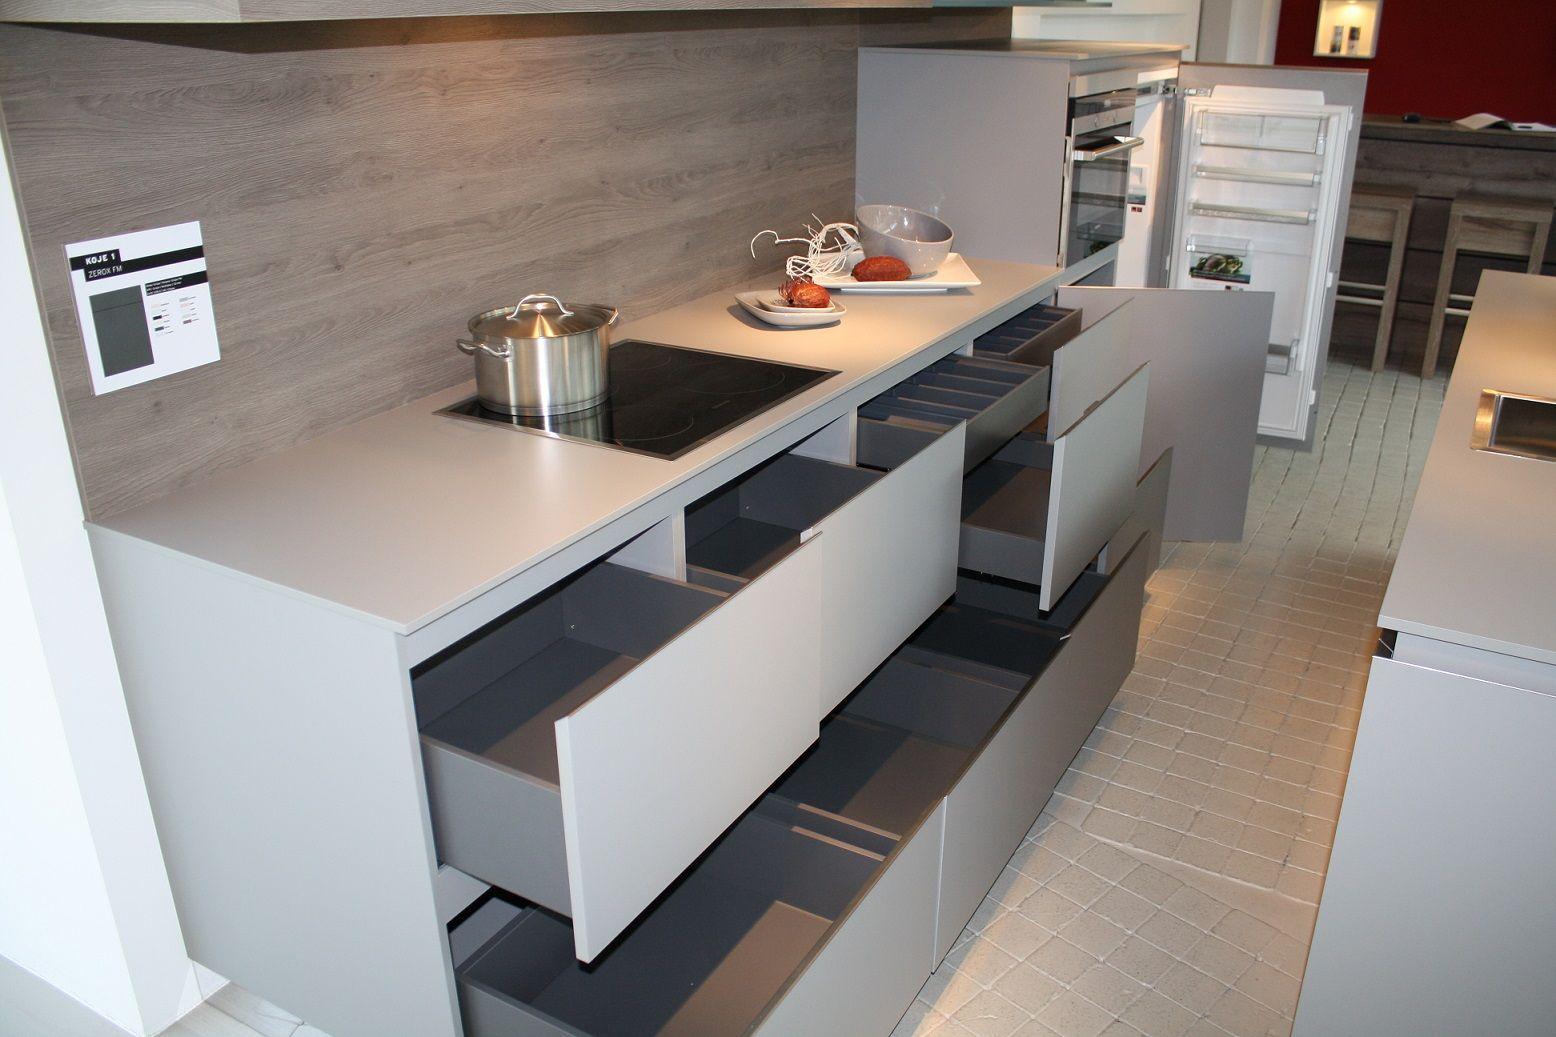 Moderne eiland keuken 1 5 51019 - Moderne keuken kleur ...